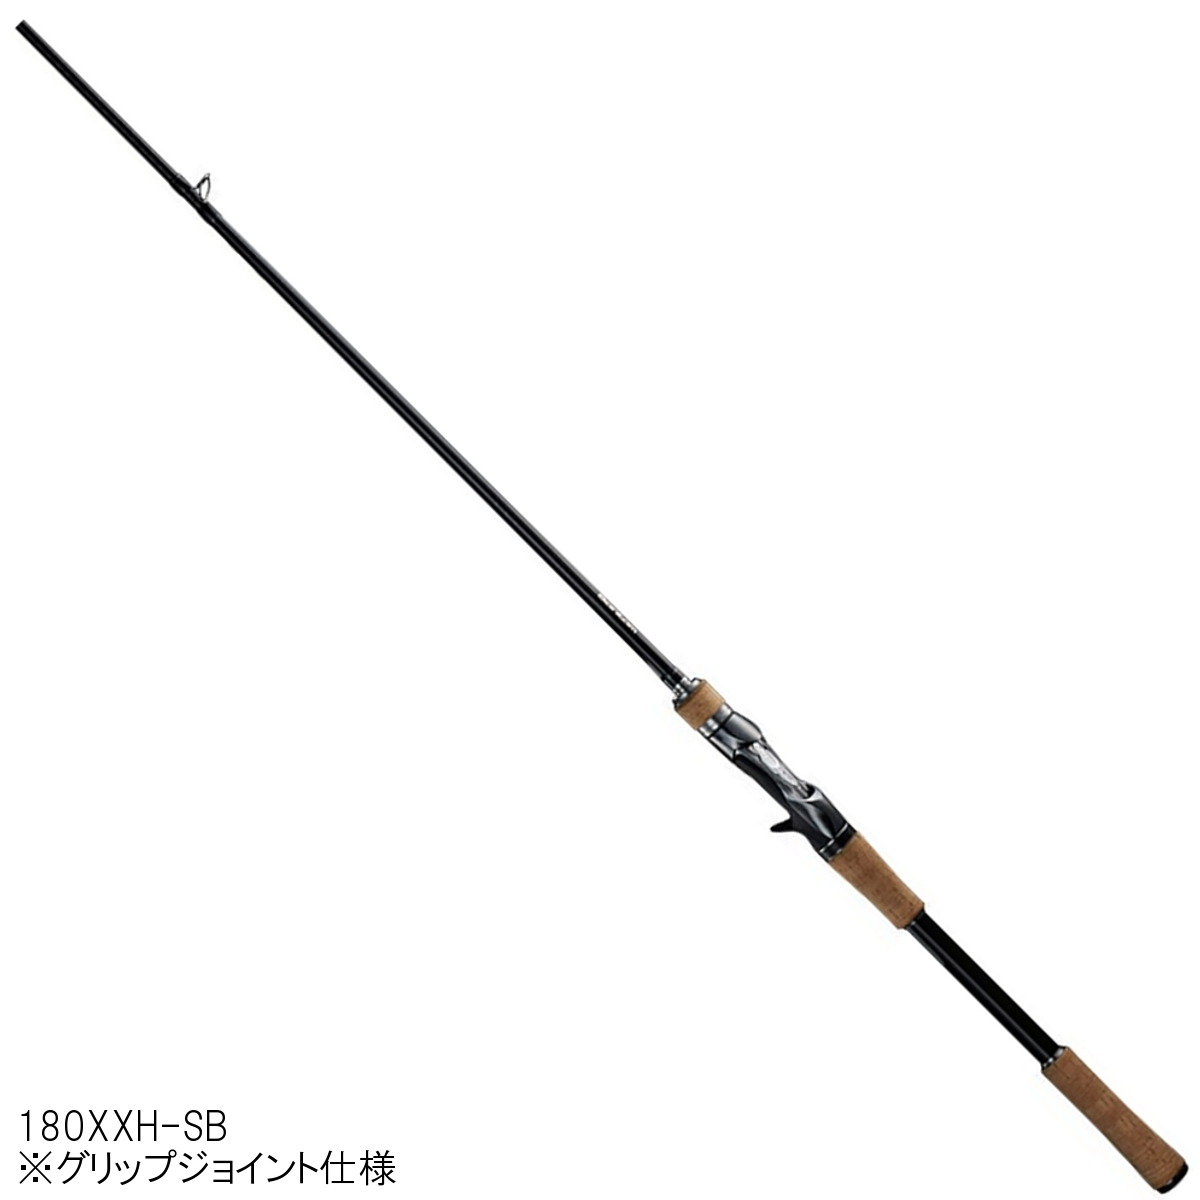 シマノ バンタム 180XXH-SB【大型商品】(東日本店)